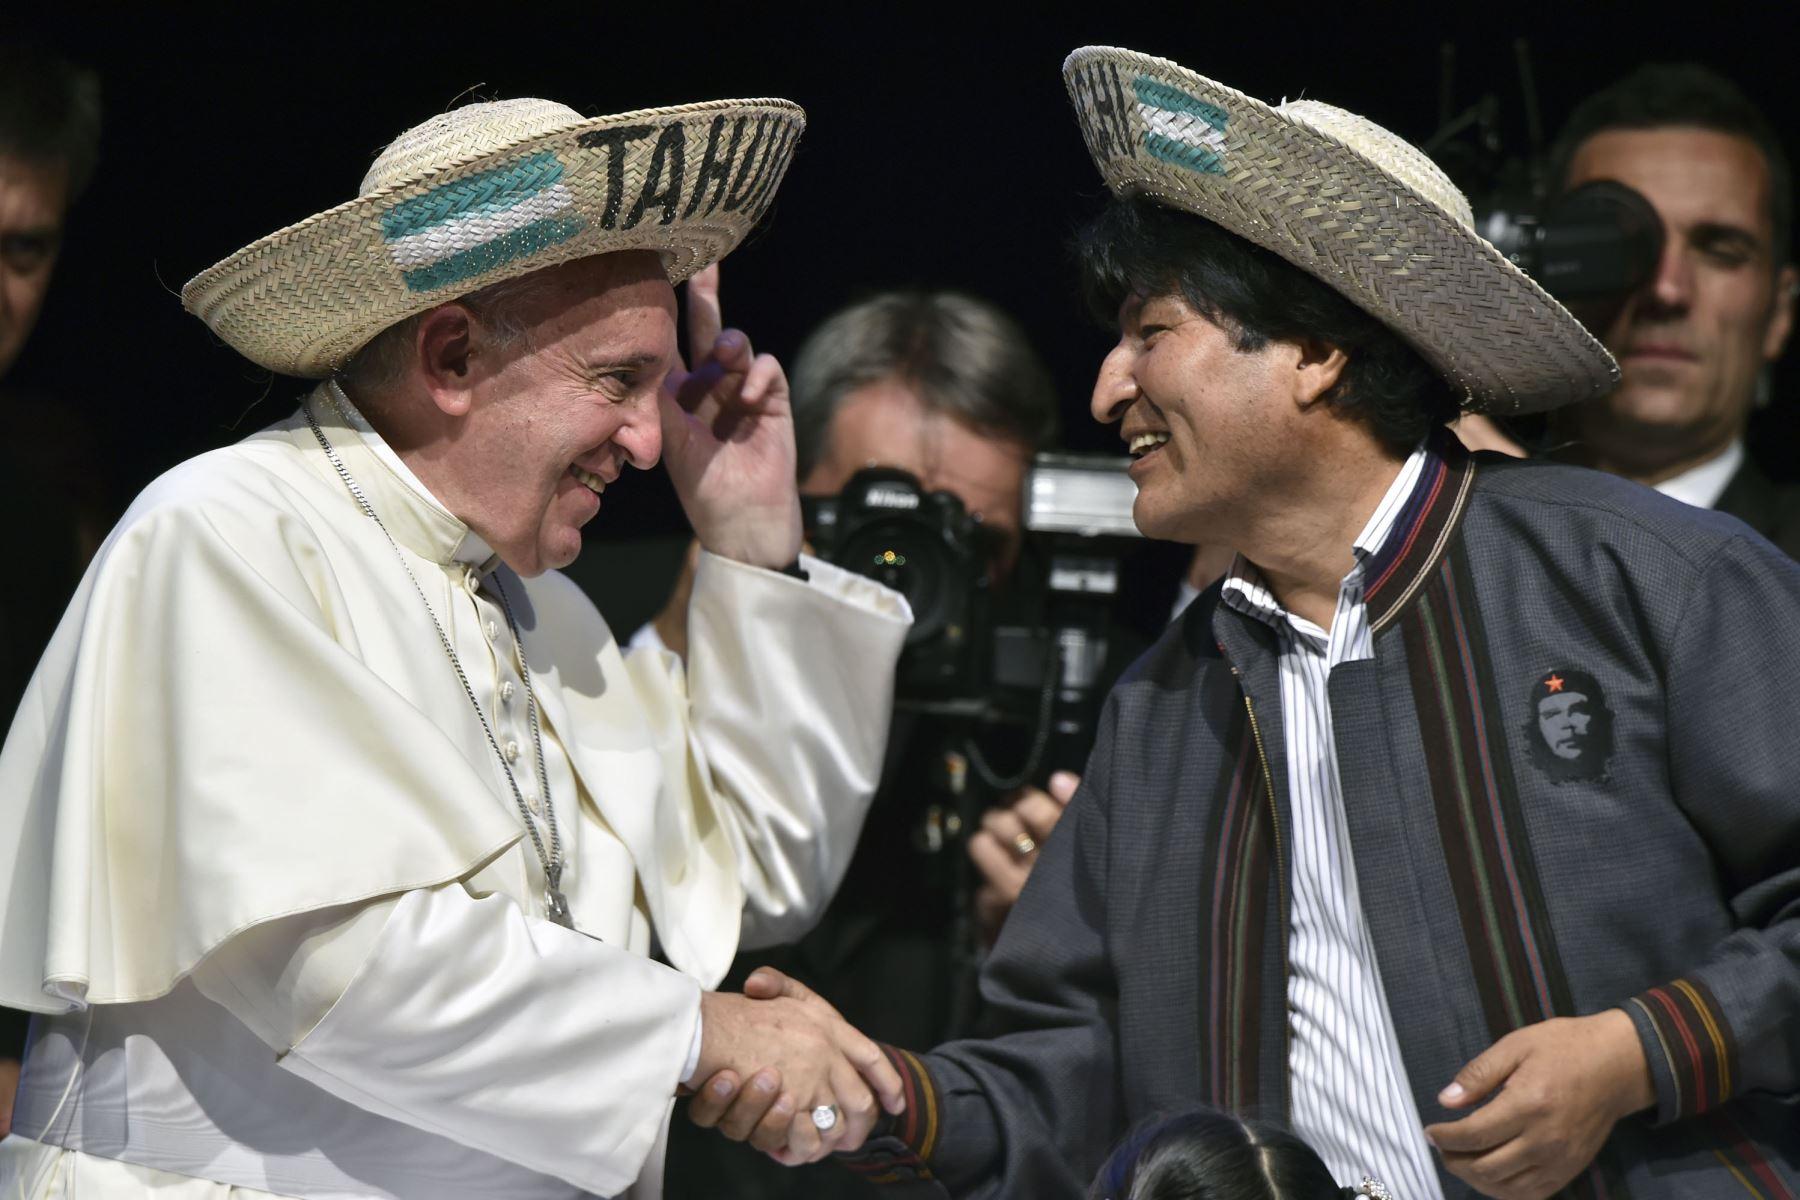 El Papa Francisco (izq.) Y el Presidente boliviano Evo Morales participan en la Segunda Reunión Mundial de los Movimientos Populares en el Centro de Exposiciones Expo Feria, en Santa Cruz, Bolivia, el 9 de julio de 2015.  Foto: AFP